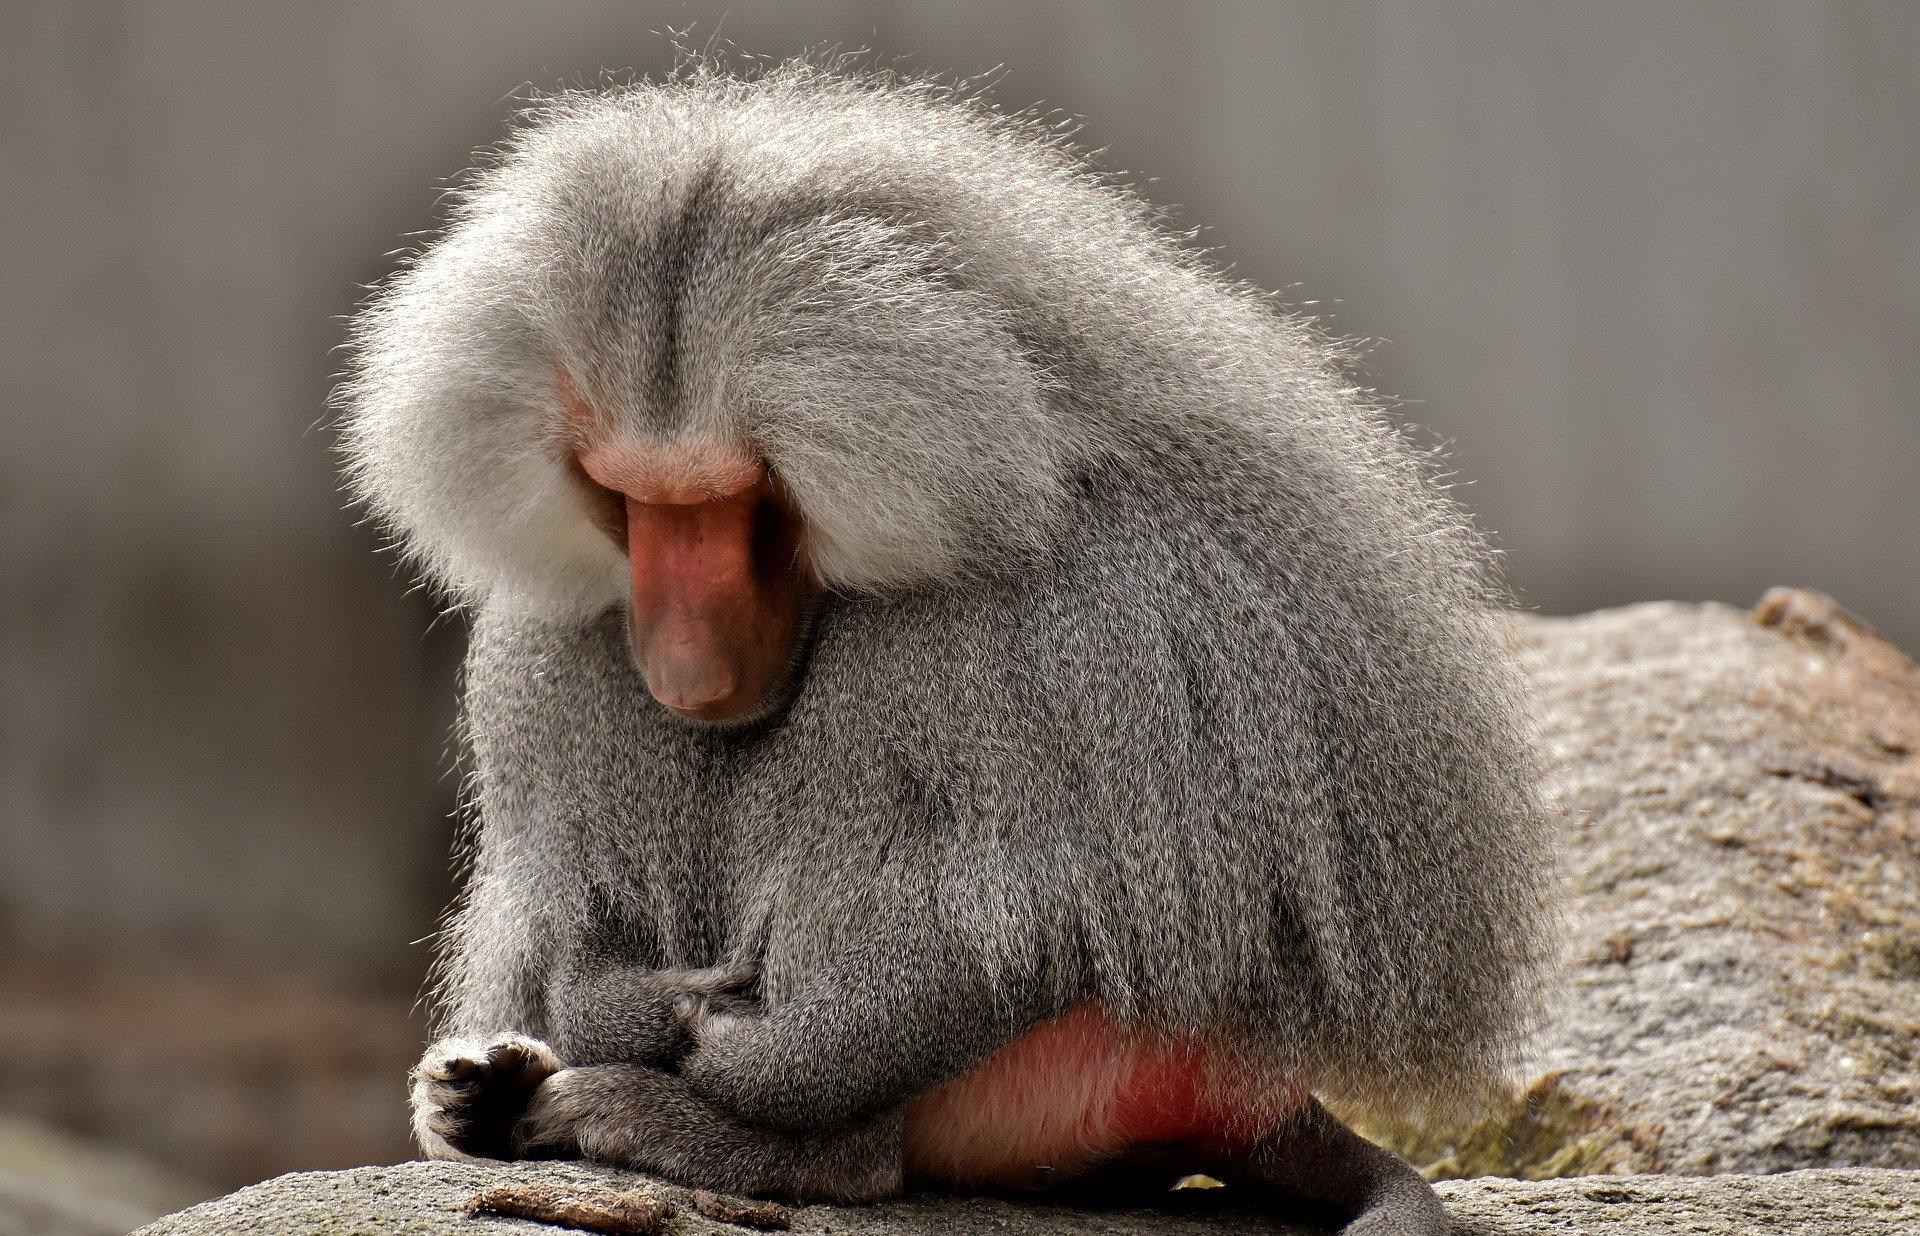 Осуществлена успешная пересадка свиных сердец бабуинам